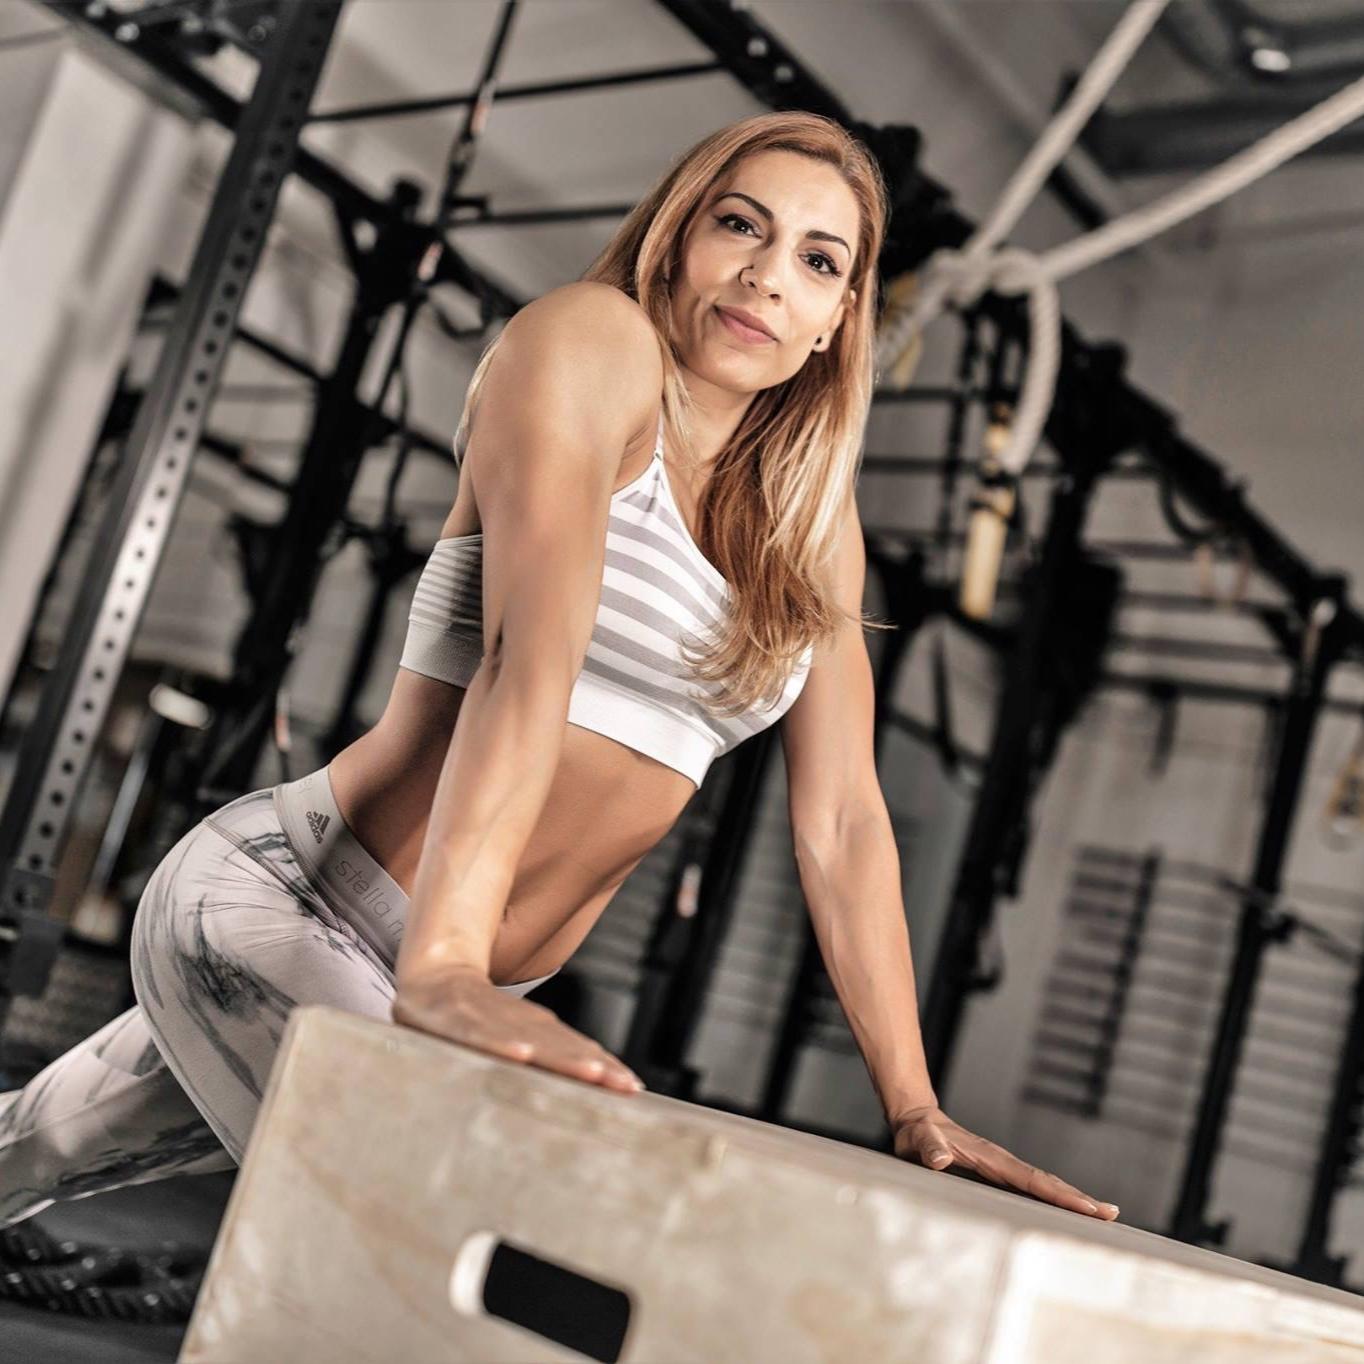 8 TRAINING SESSIONS: - week 1 - conditioning and resistanceweek 2 - functional fitnessweek 3 - strength trainingweek 4 - enduranceweek 5 - flexibility and agilityweek 6 - muscle buildweek 7 - pump upweek 8 - all around tone